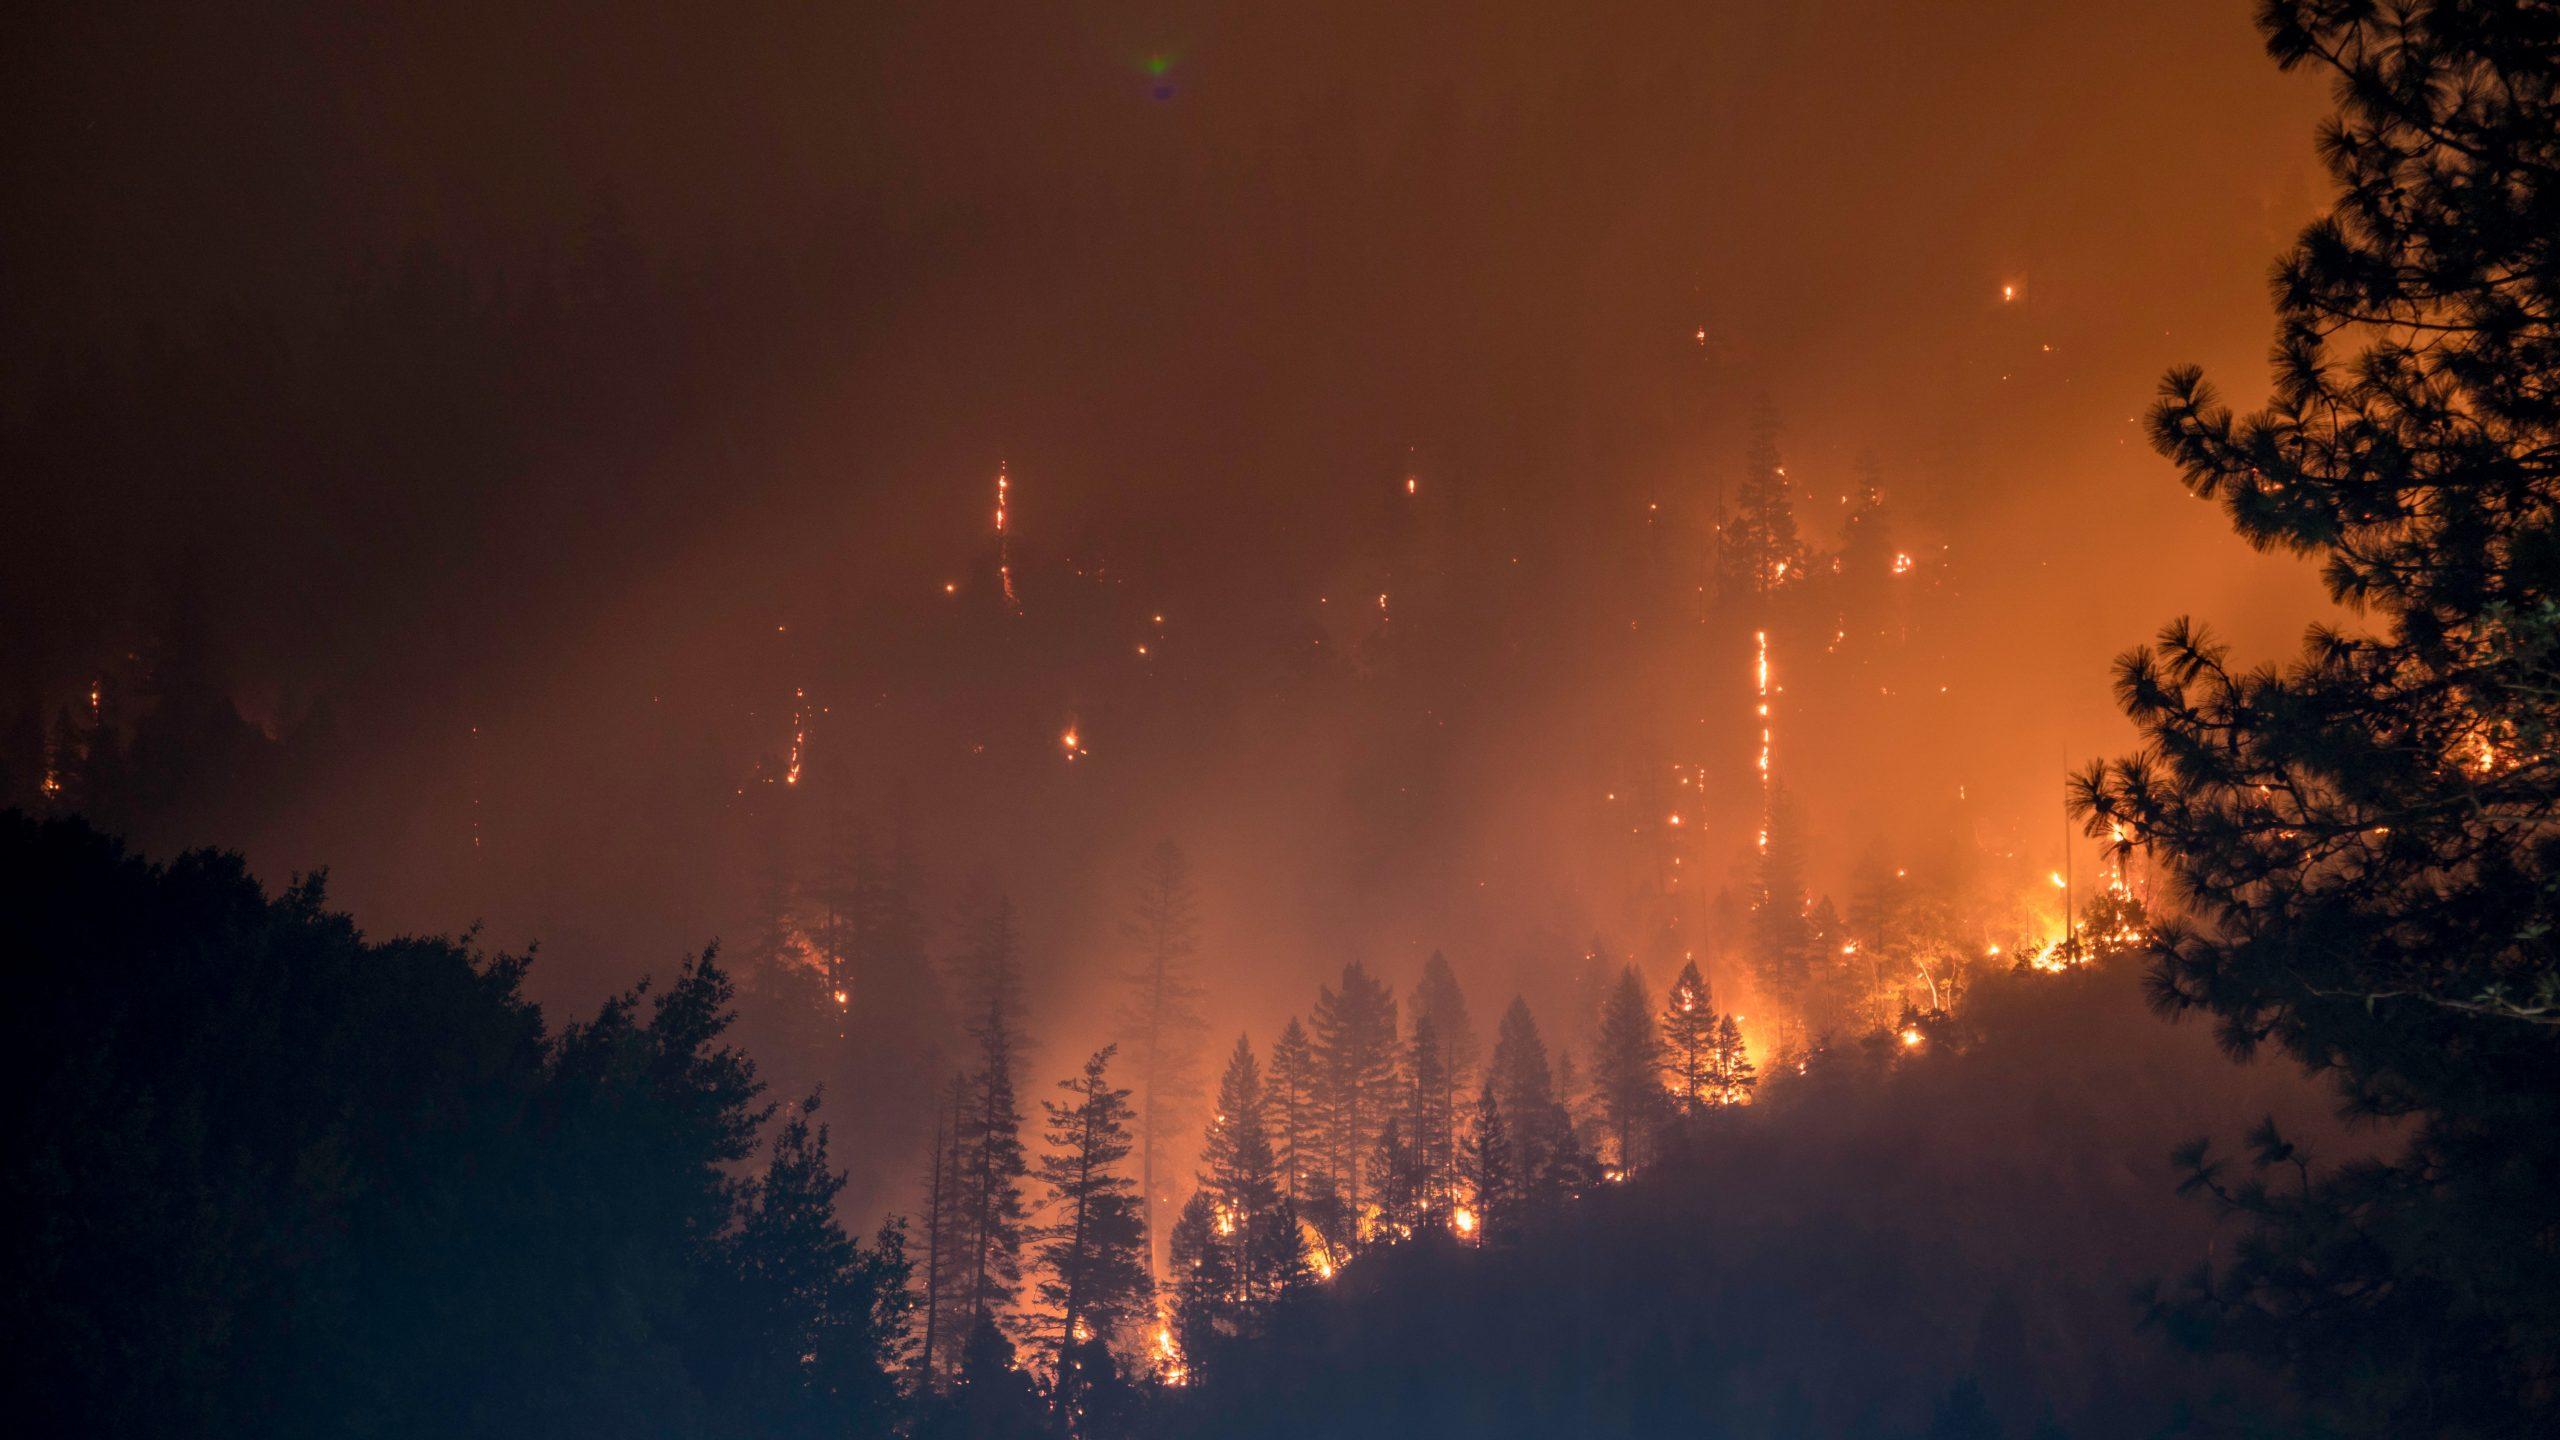 Incendi boschivi: l'UE va in aiuto di Italia, Grecia, Albania e Macedonia del Nord